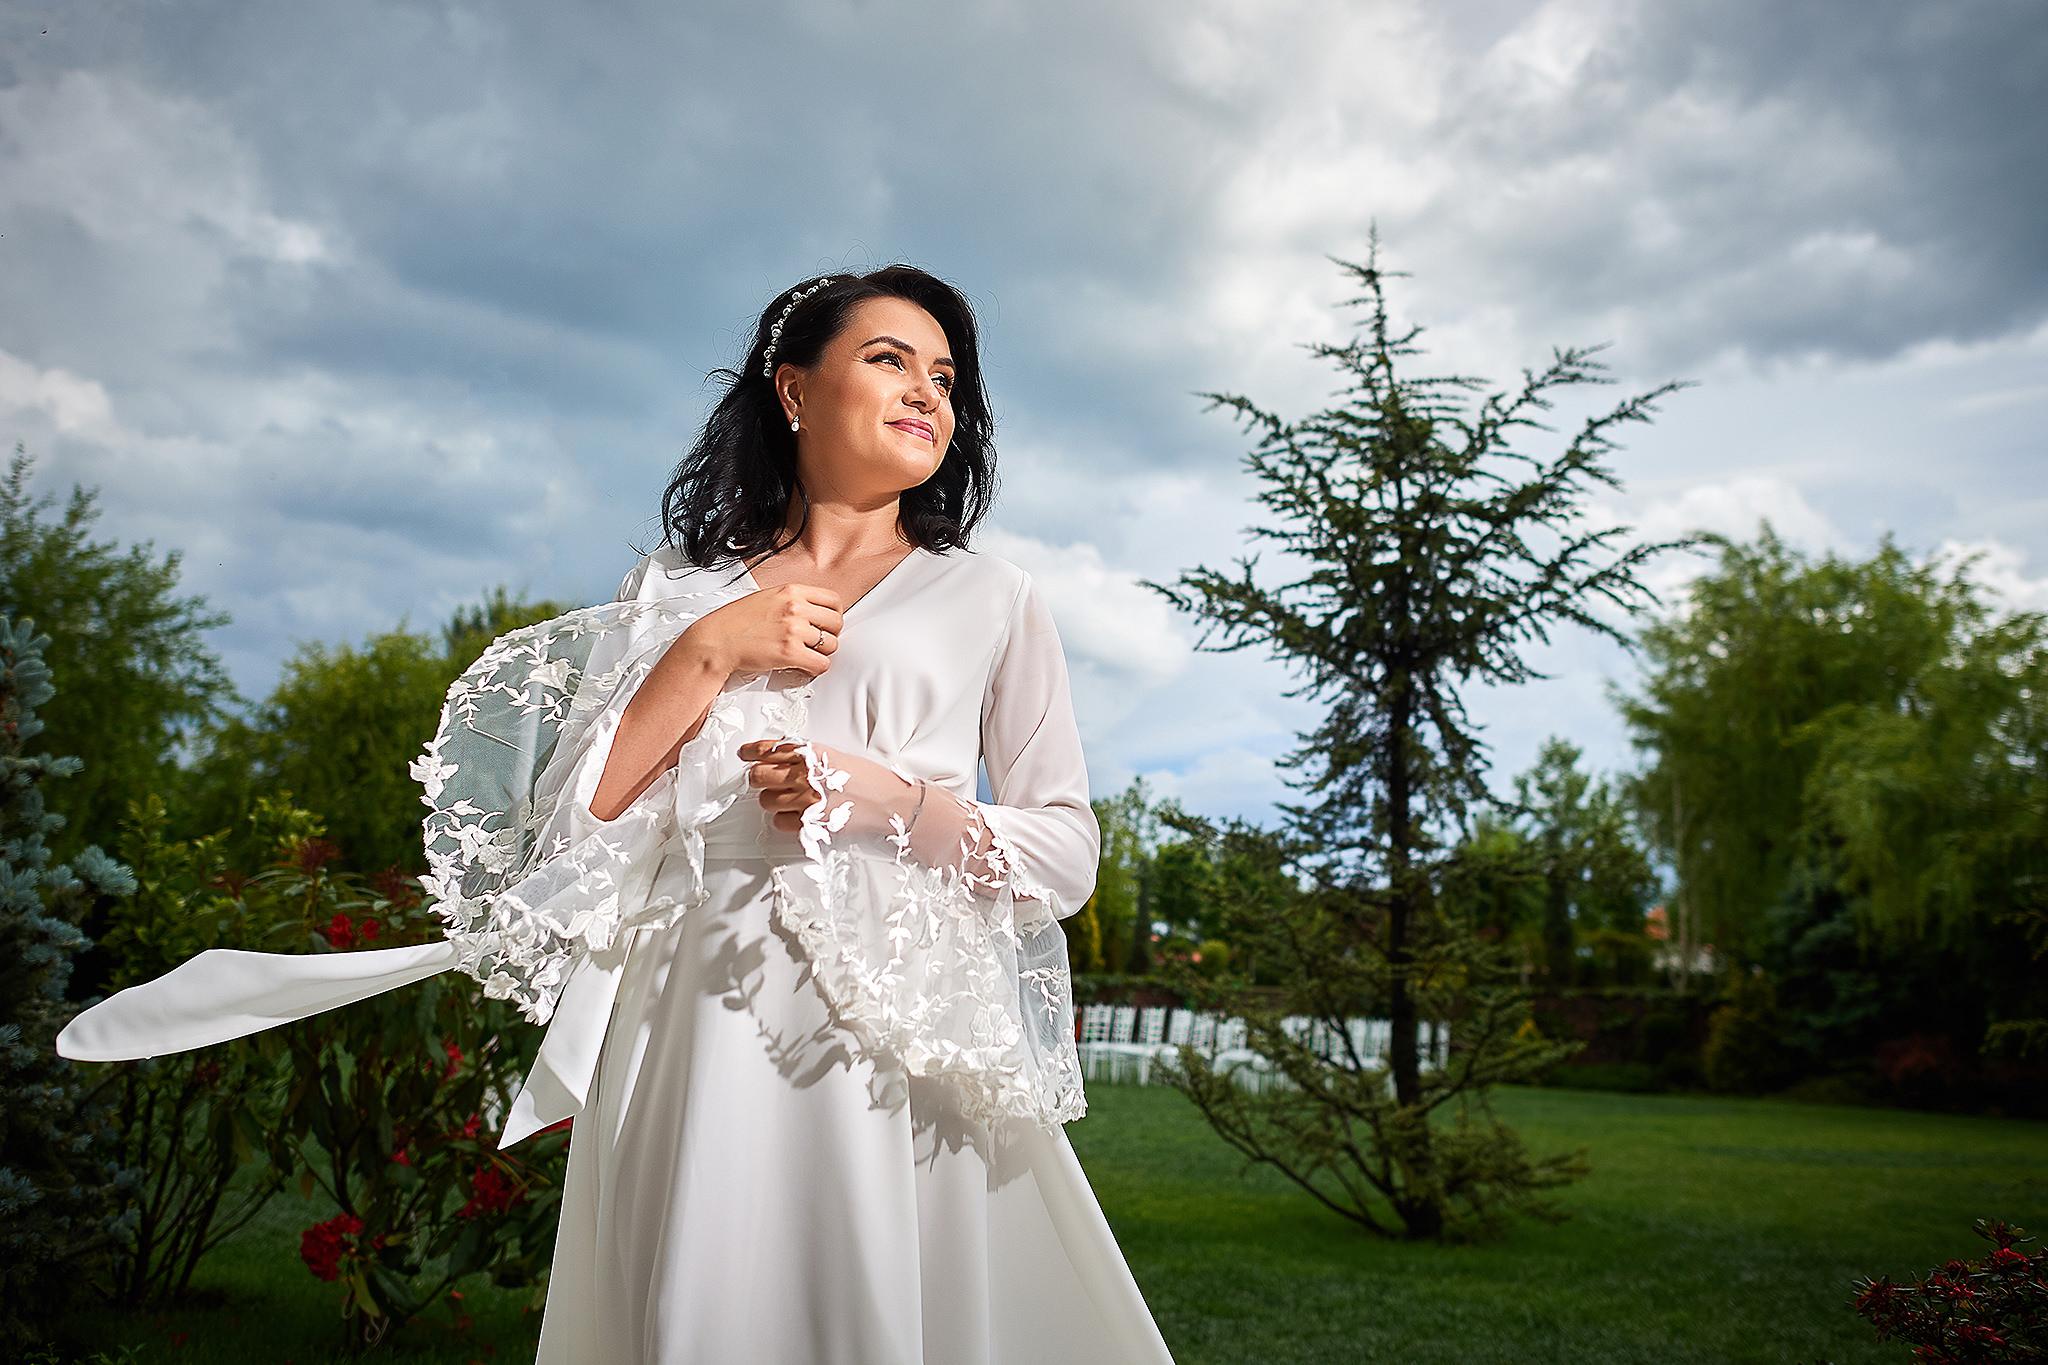 fotograf de nunta constanta 14